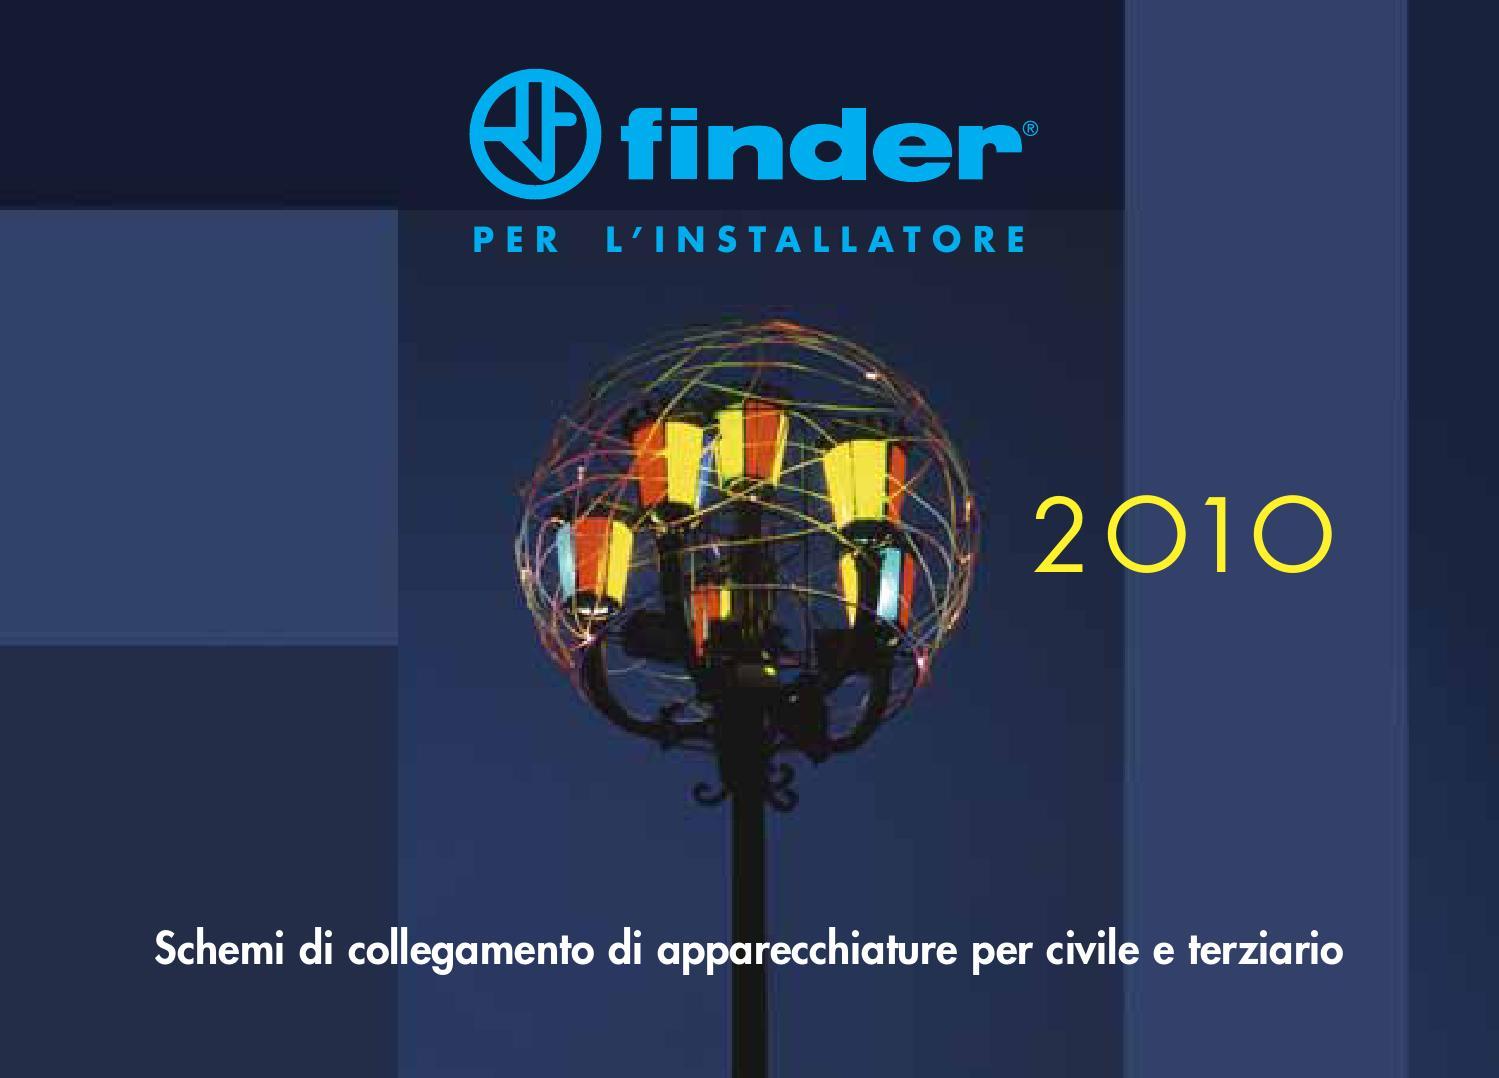 Schema Elettrico Relè Commutatore : Finder by langolo dellelettricità issuu